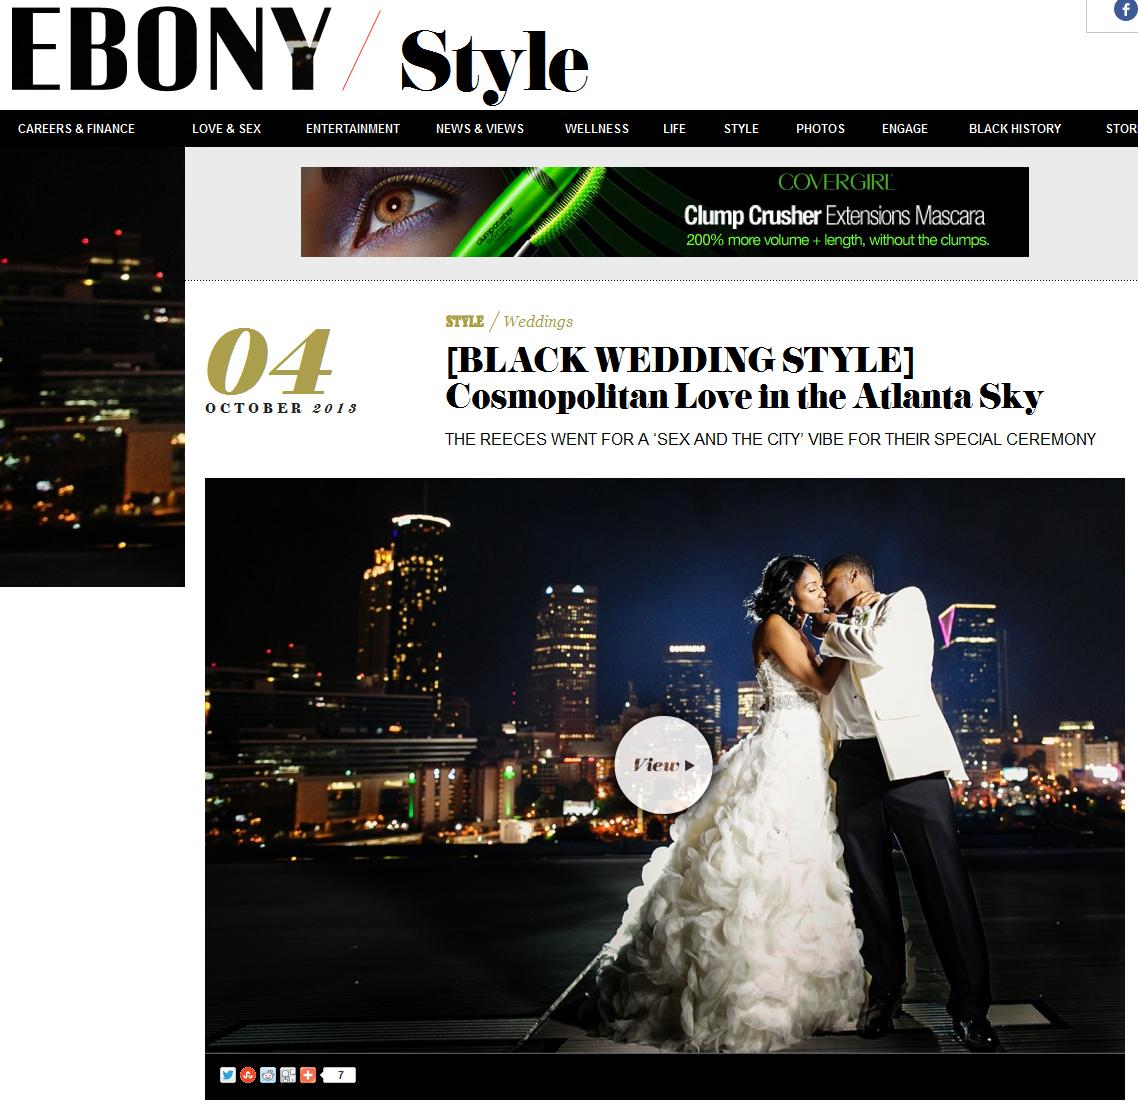 Ebony featured Atlanta wedding by Nadia D. Photography. October 2013